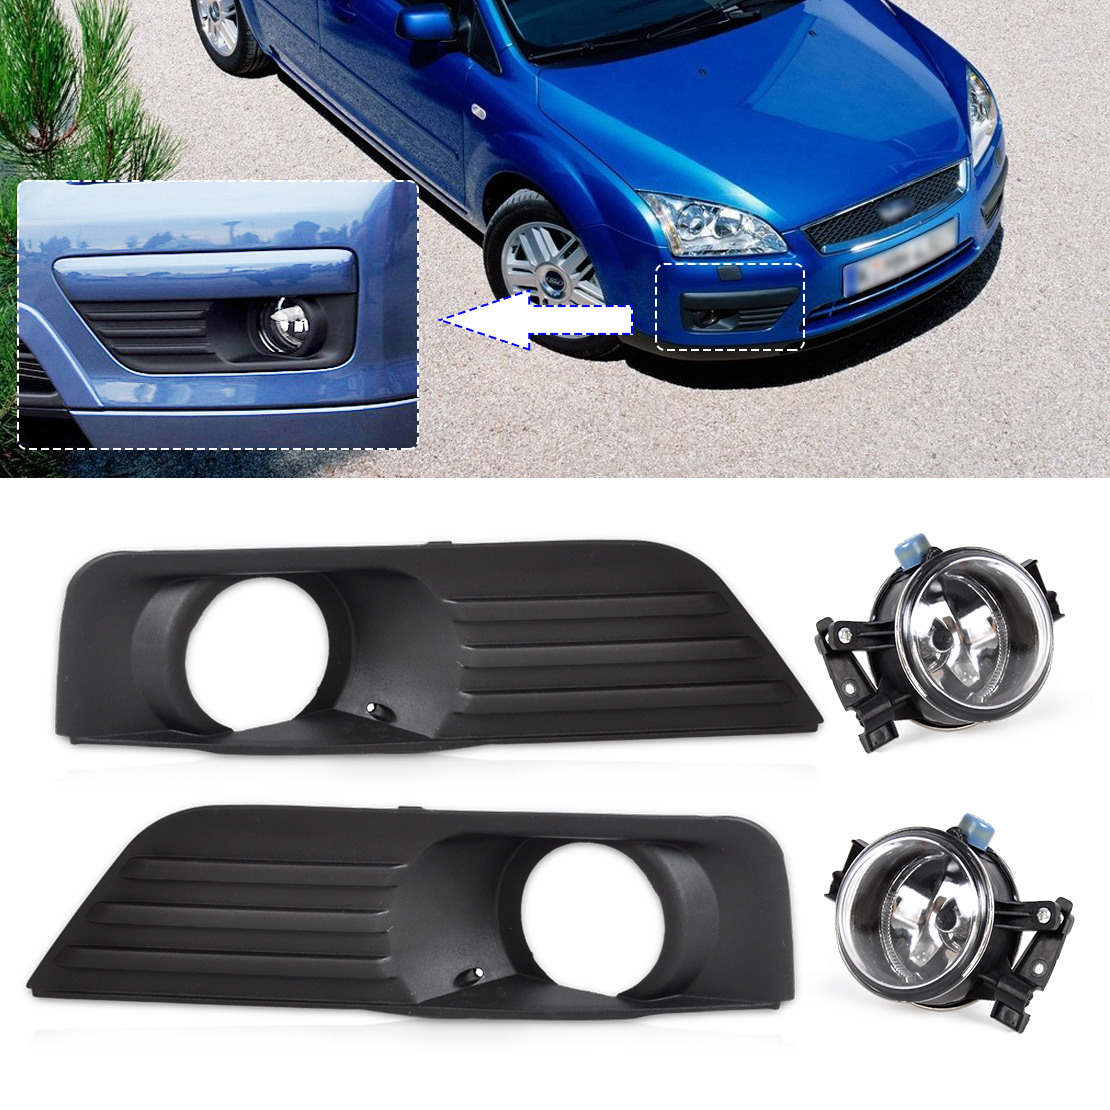 ФОТО DWCX 4M51-19952-A 3M51-15K201-AA 3M51-15K202-AA Front Lower Bumper Fog Light Grille + Lamp Kit Set For Ford Focus 2005 2006 2007